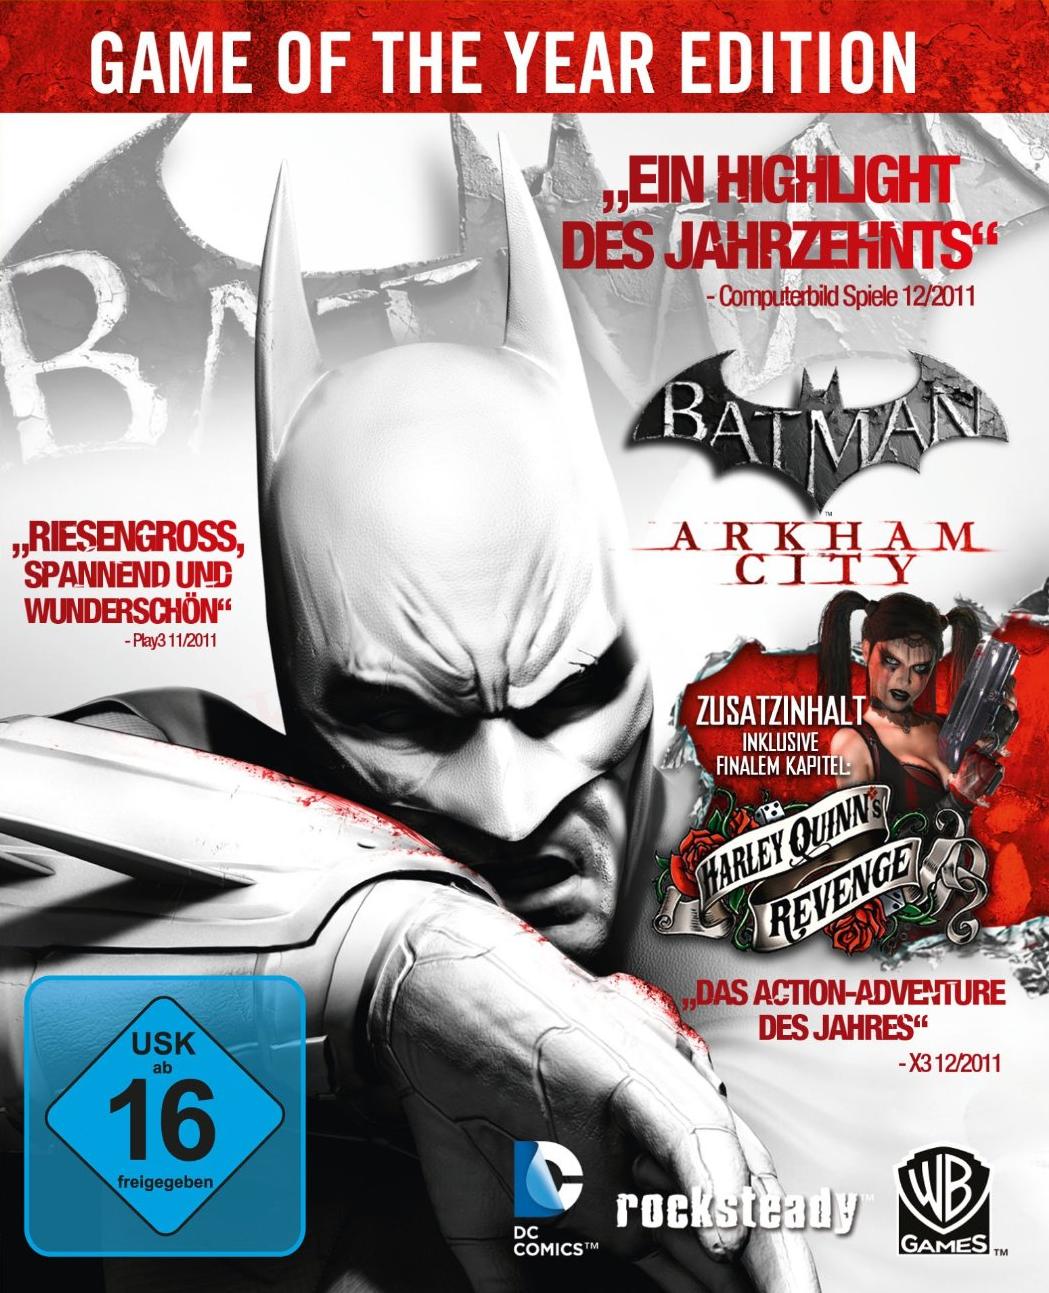 Batman: Arkham City - GOTY Deutsche  Texte, Untertitel, Menüs, Videos, Stimmen / Sprachausgabe Cover